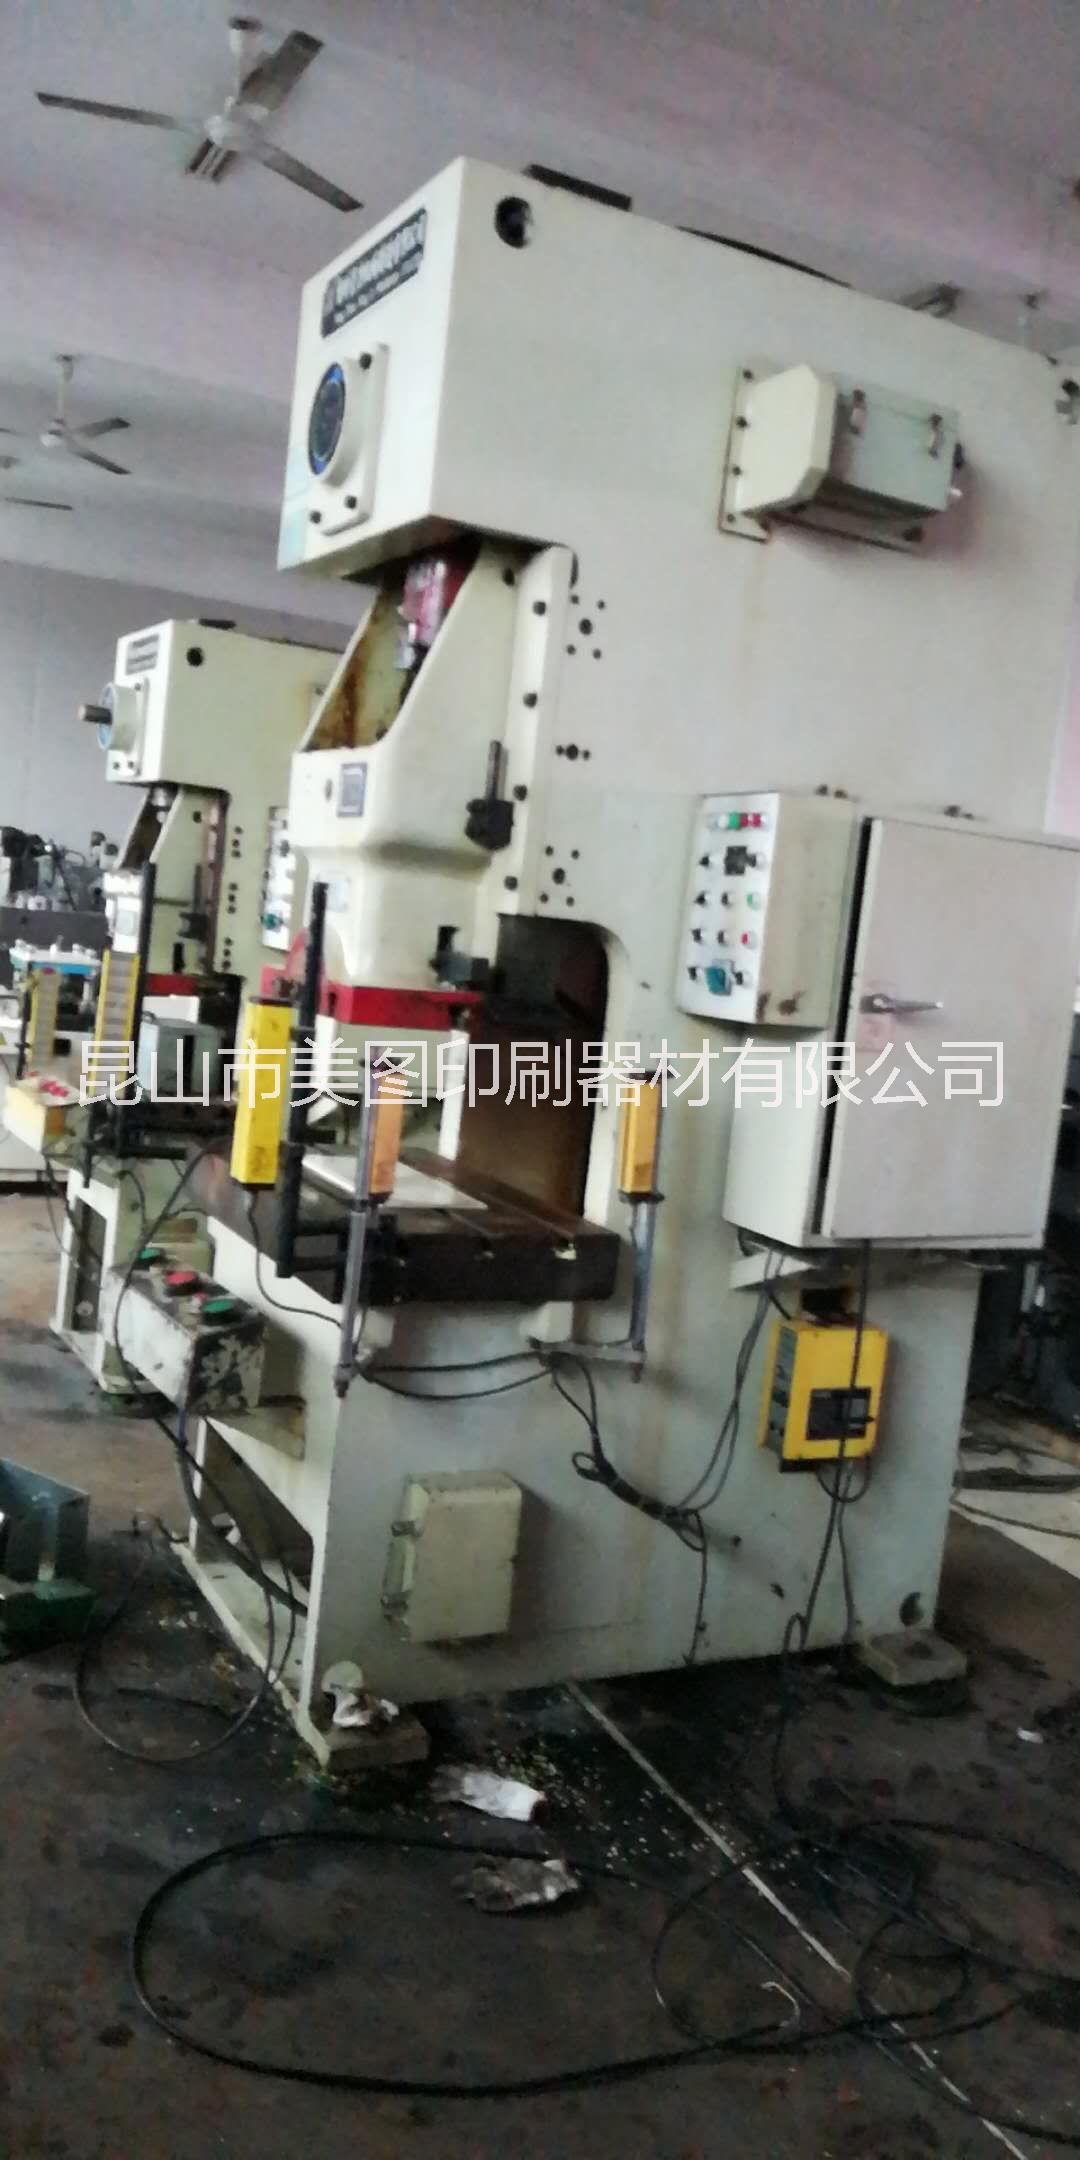 冲床厂家|重庆冲床厂|重庆冲床厂家报价|重庆冲床厂家报价|高价回收冲床电话